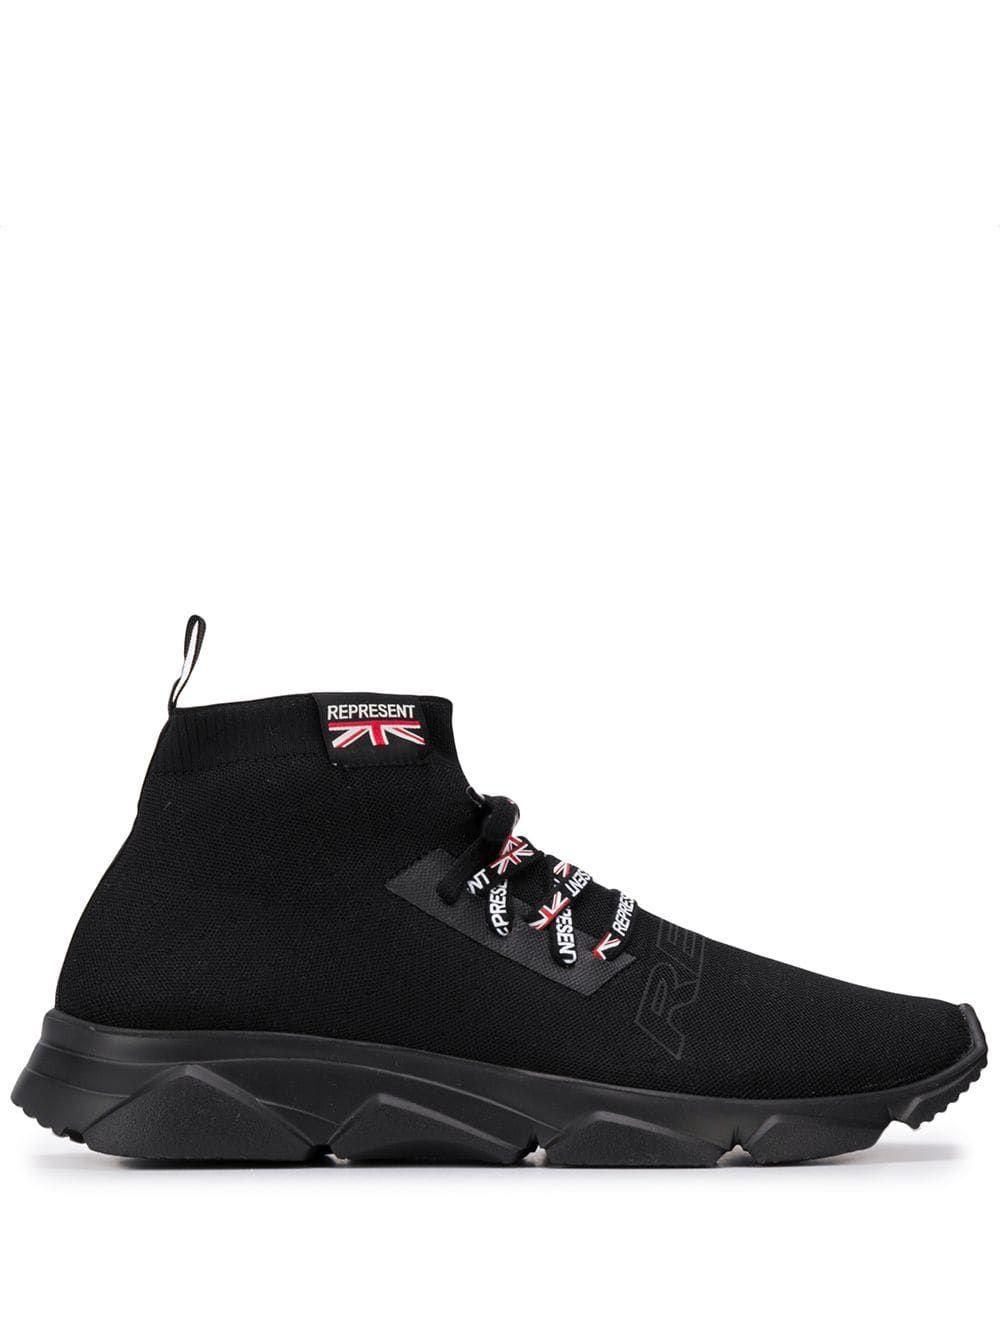 BLACK. #represent #shoes